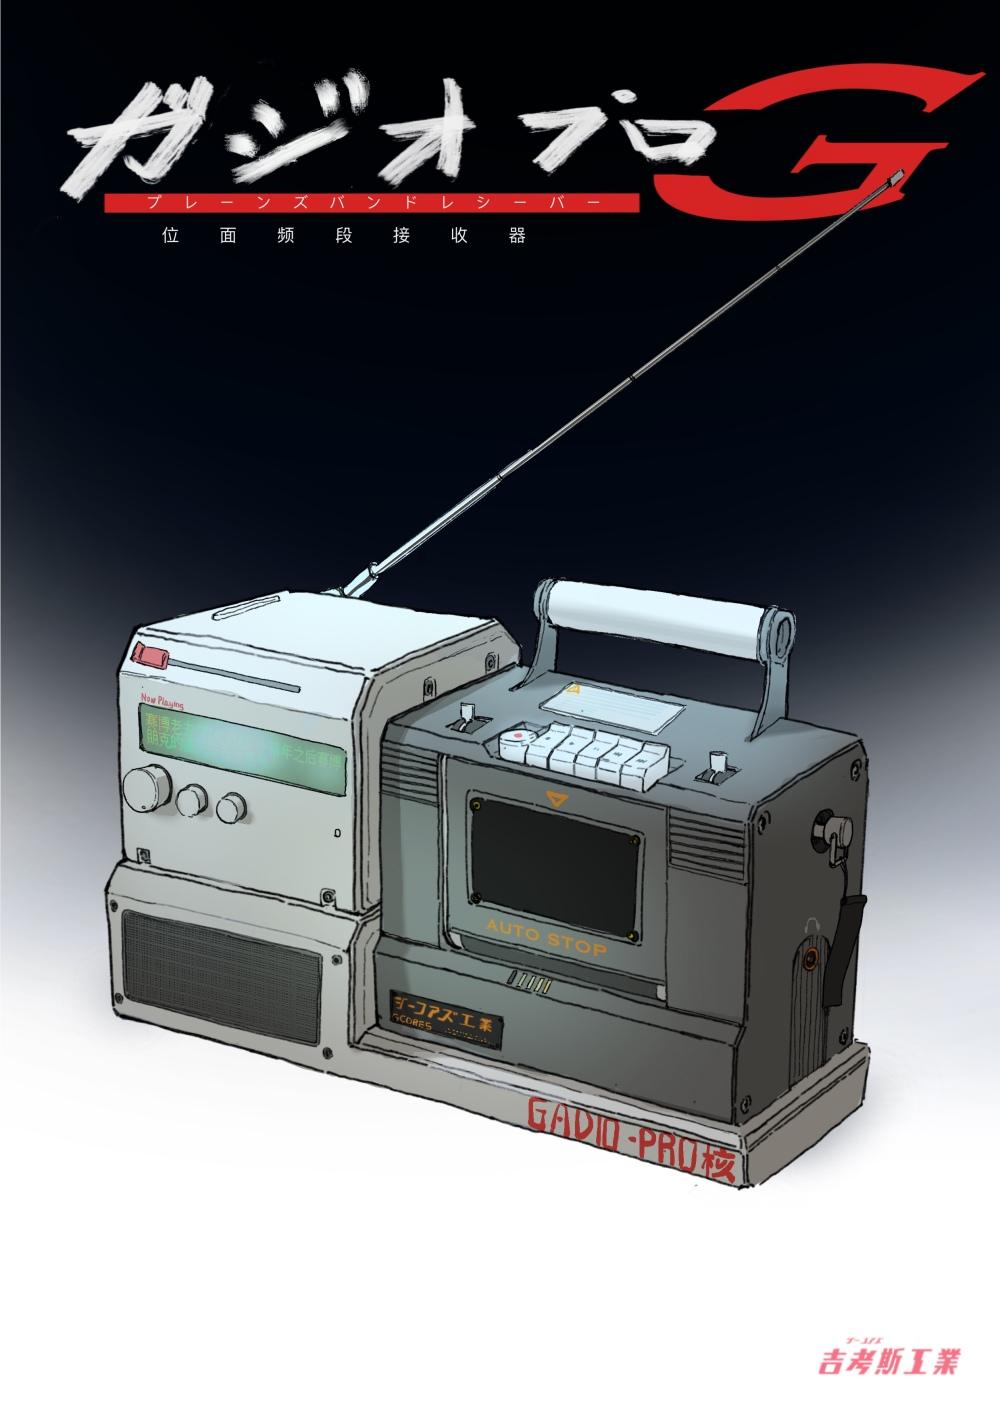 可以在荒坂空间站上使用的泛宇宙频段接收器,兼容g-tape磁带